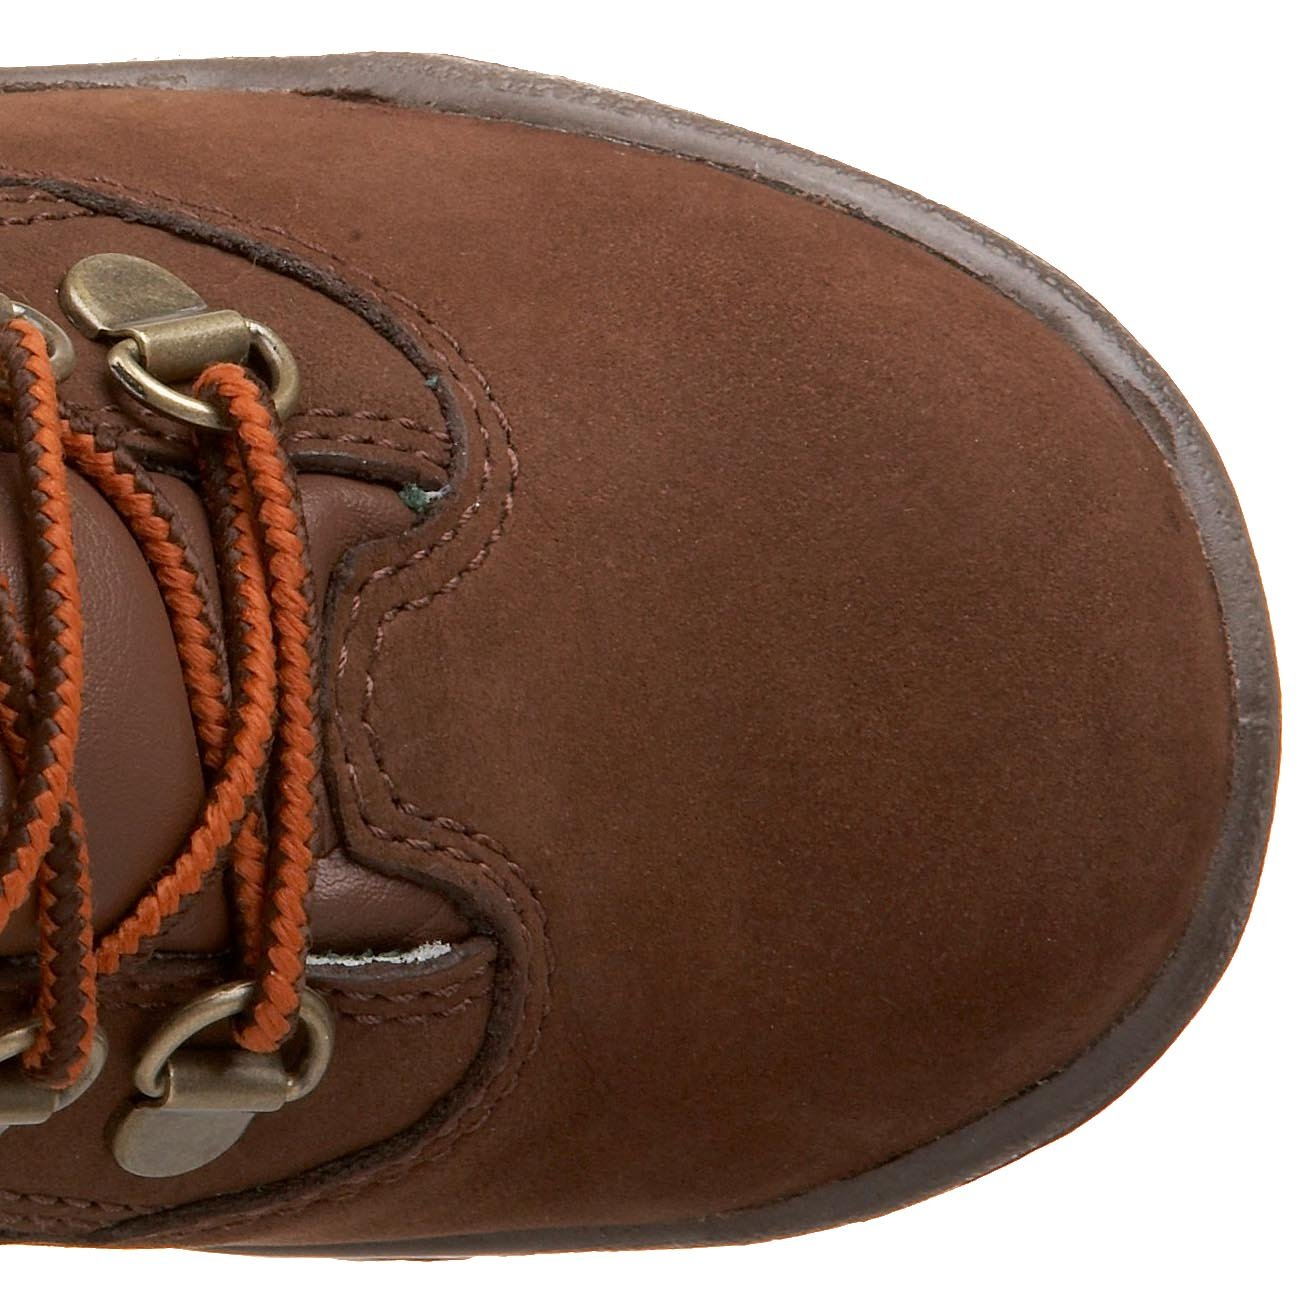 Timberland Toddler//Little Kid Field Boot 6 Hiker